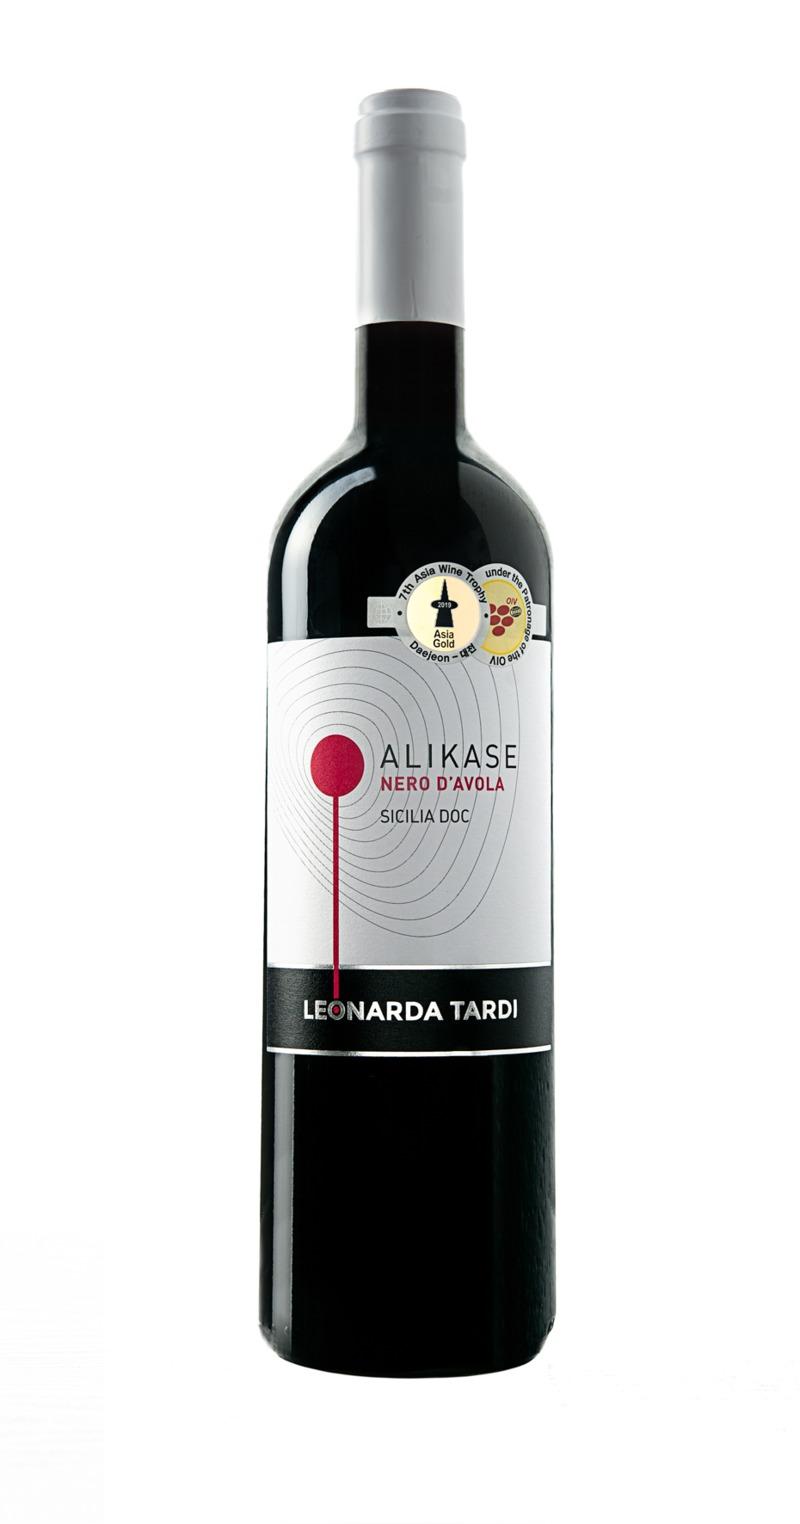 san-winelentino-red-wine-box